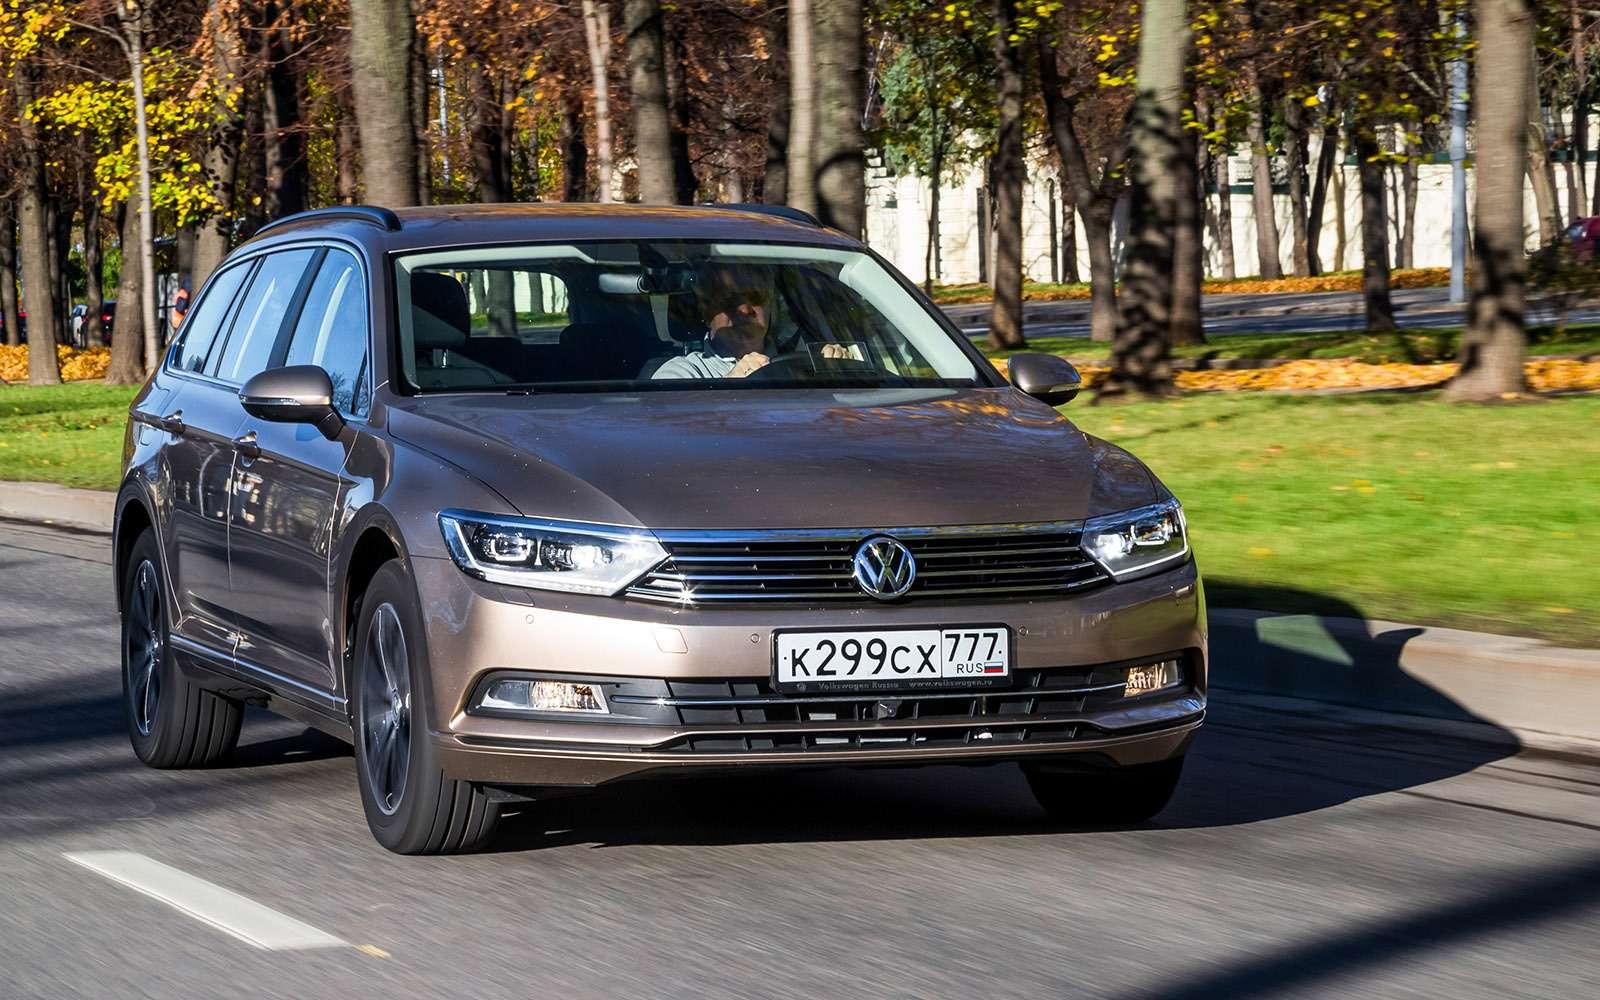 Volkswagen Passat Variant или Alltrack: зачто доплата?— фото 693517